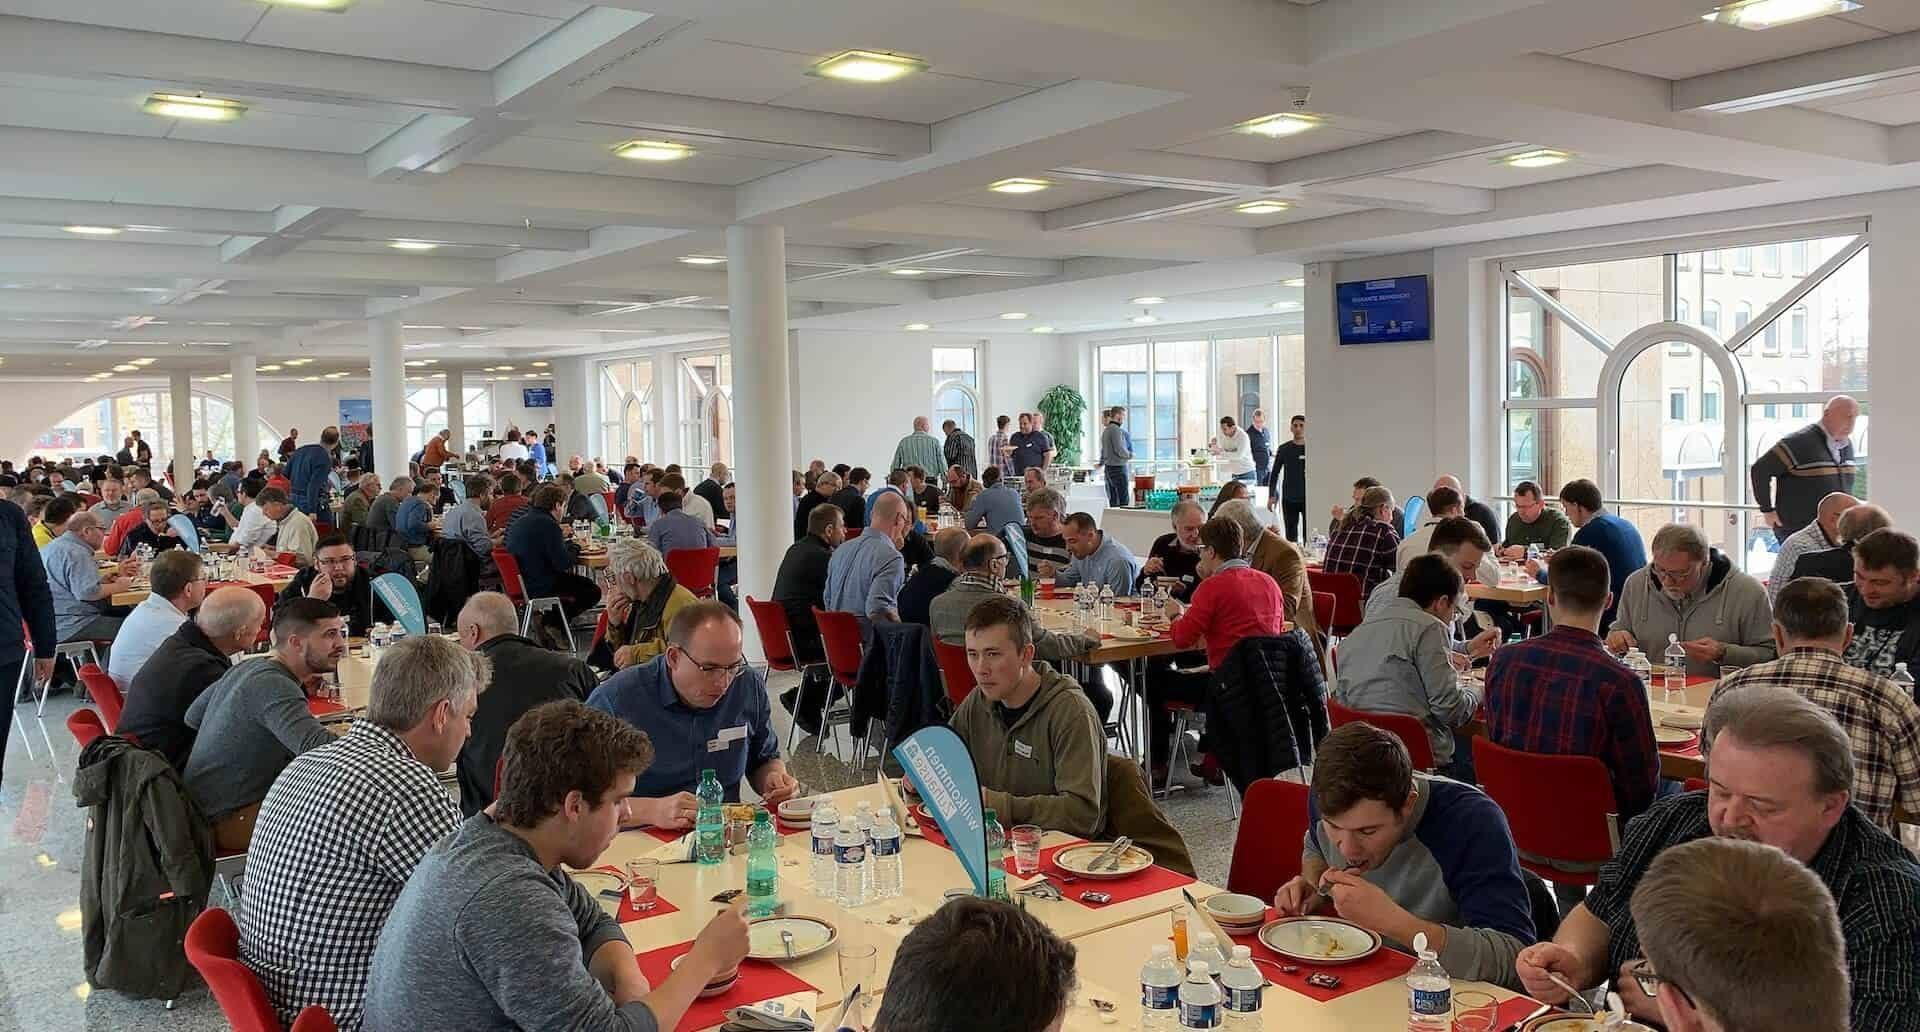 Mittagessen beim Männertag 2019 im Missionswerk Karlsruhe